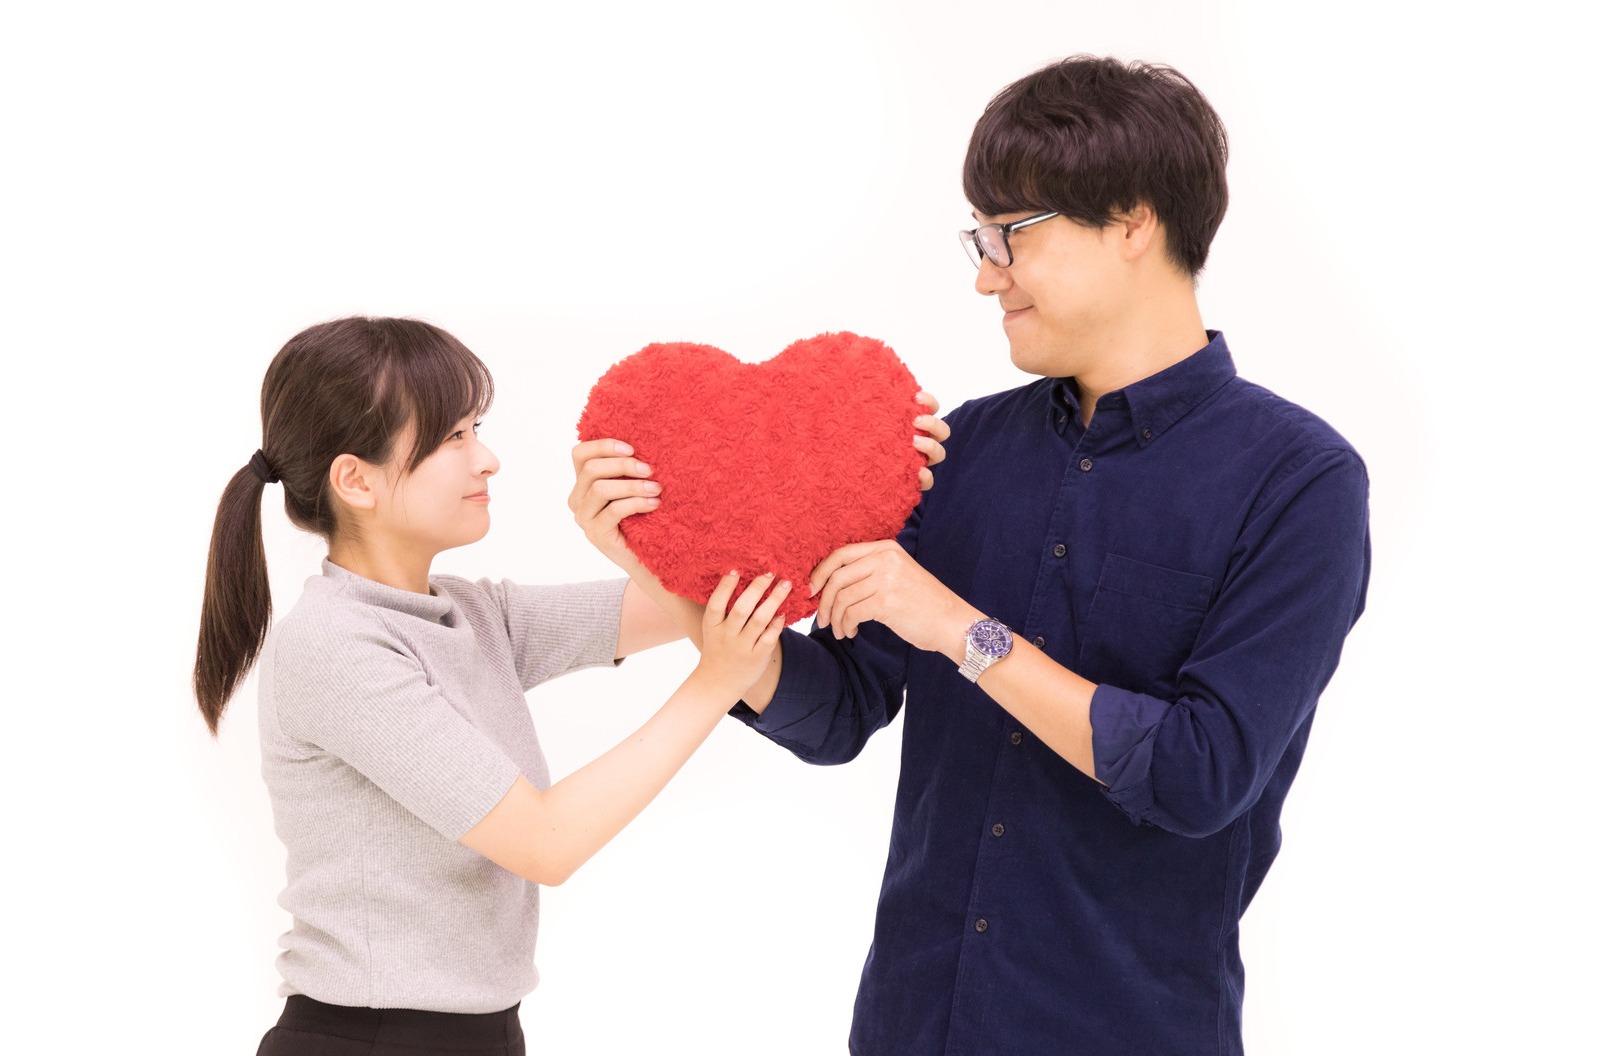 賢恋チャンネルサマリー~脈ありサインを間違えない!本物の脈ありサイン~